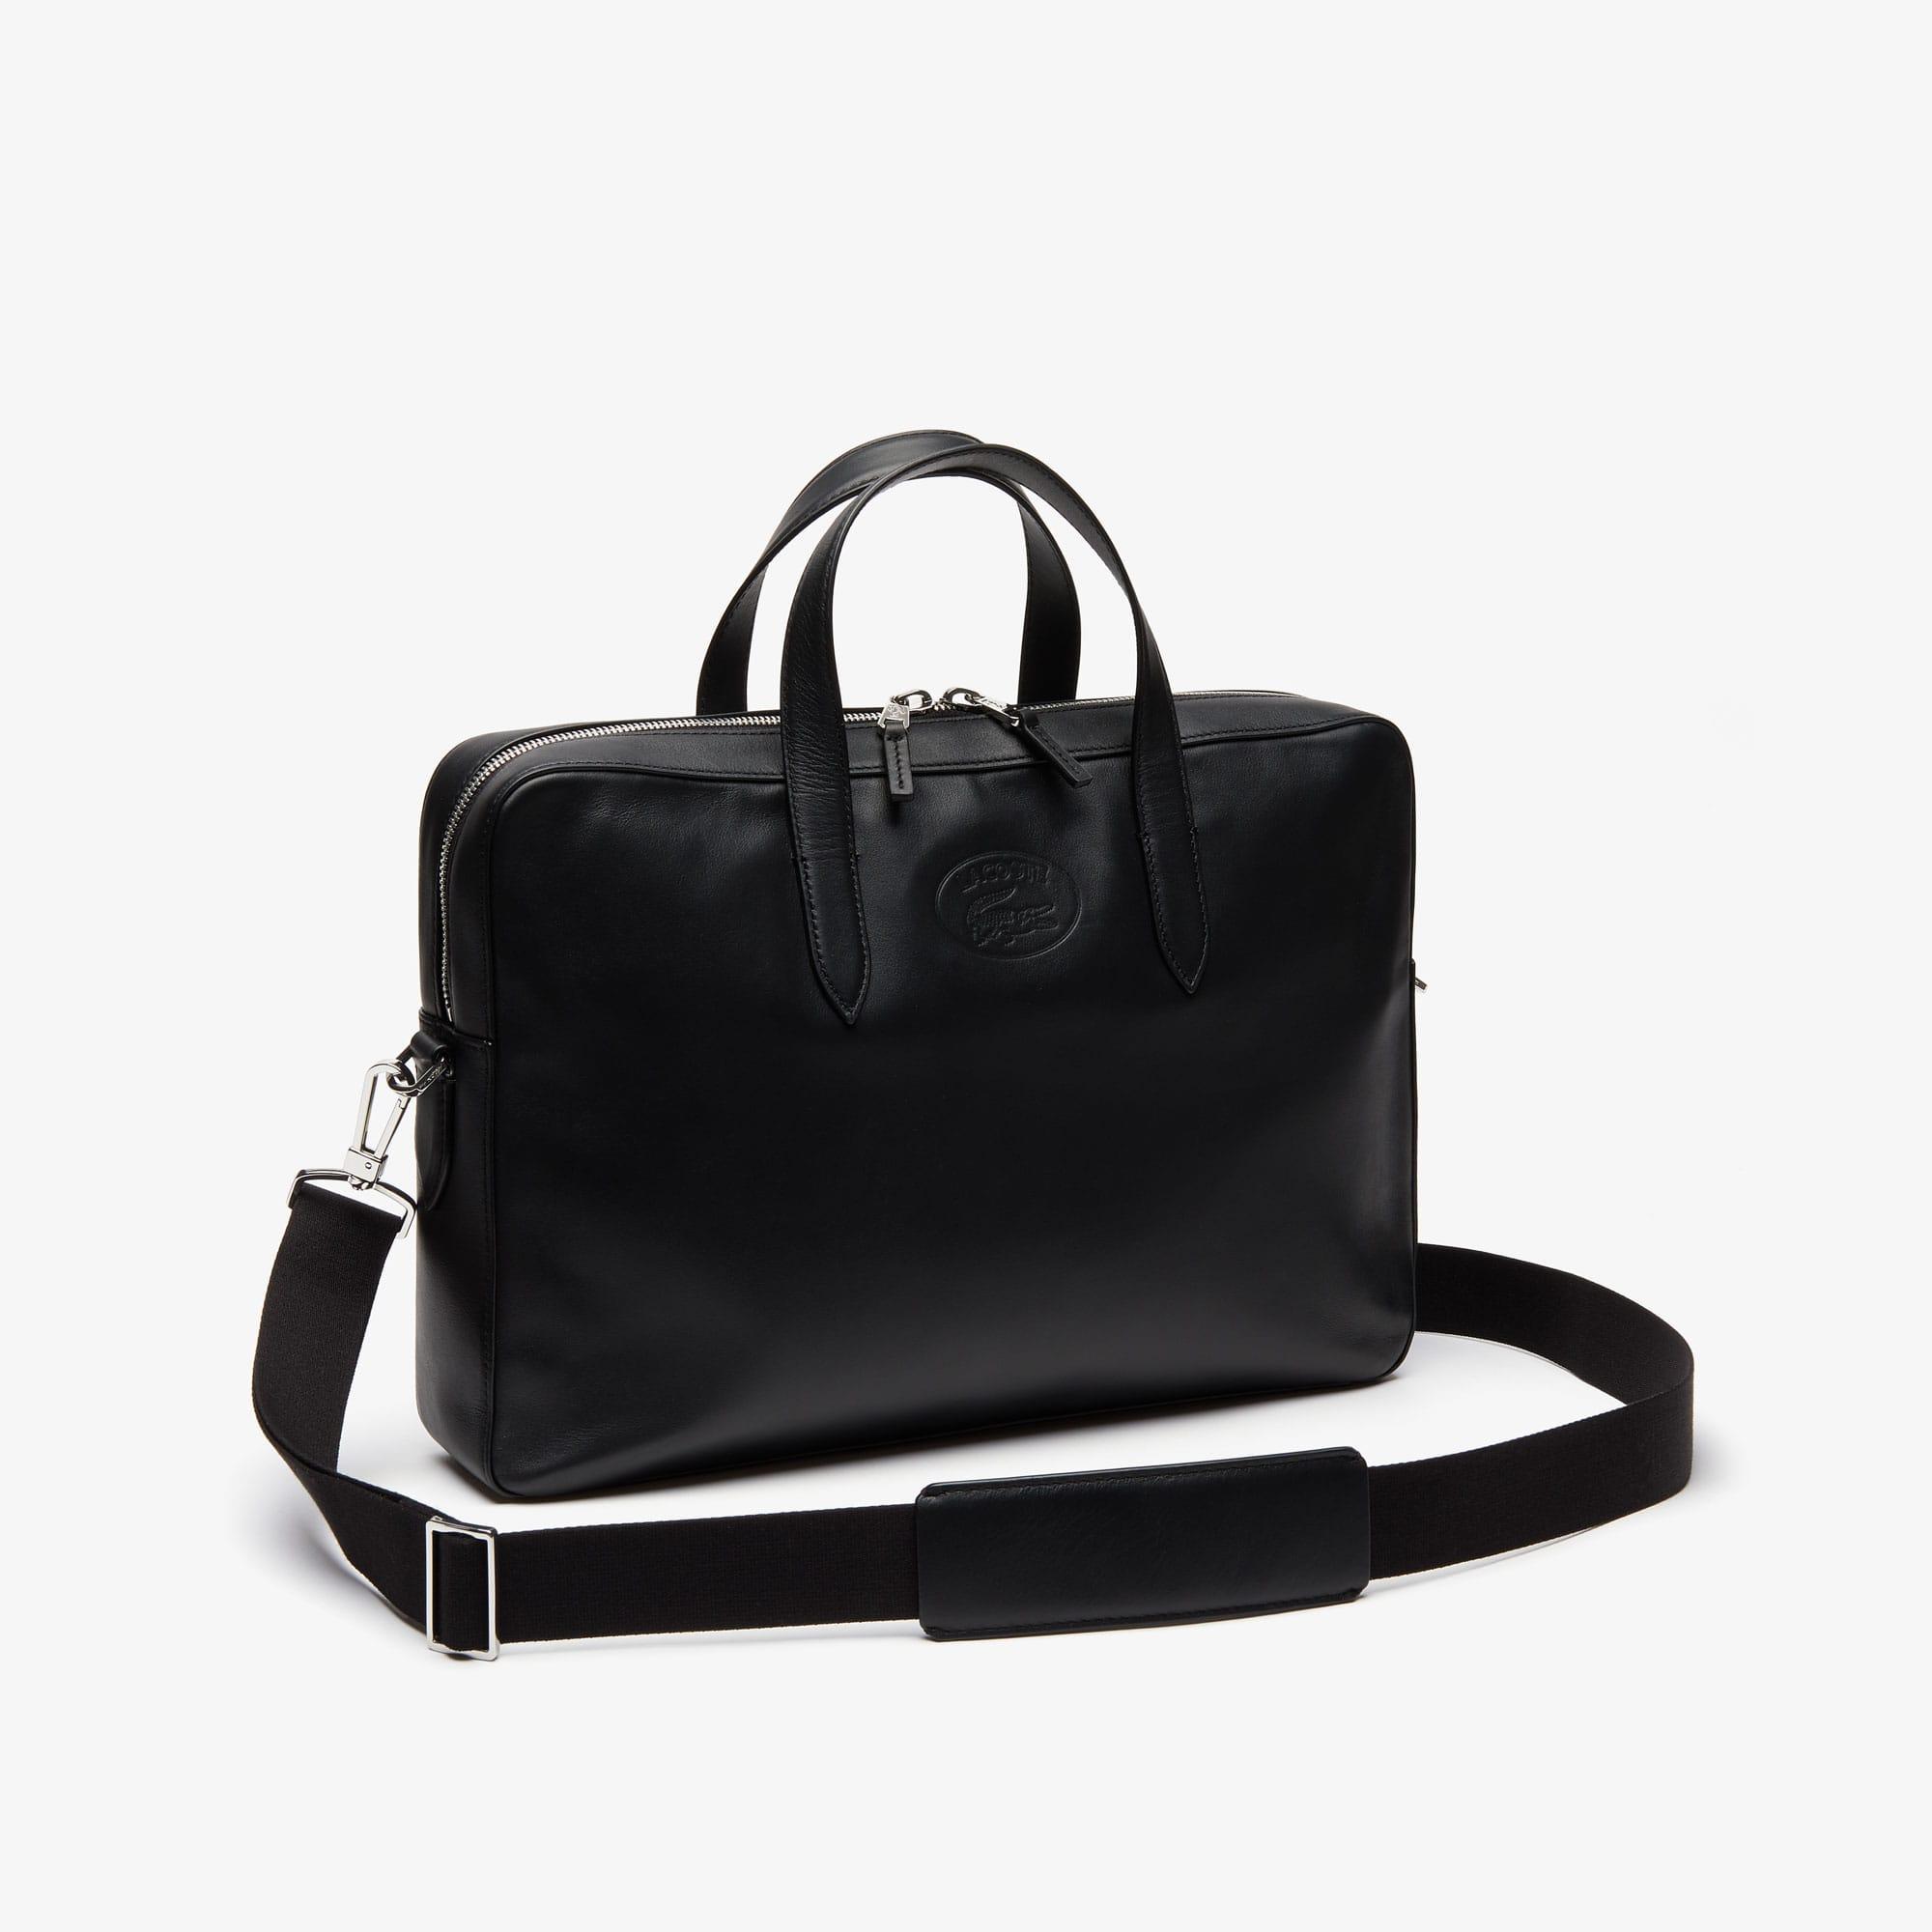 5c7d21816f5 Men's L.12.12 Casual Leather Computer Bag | LACOSTE